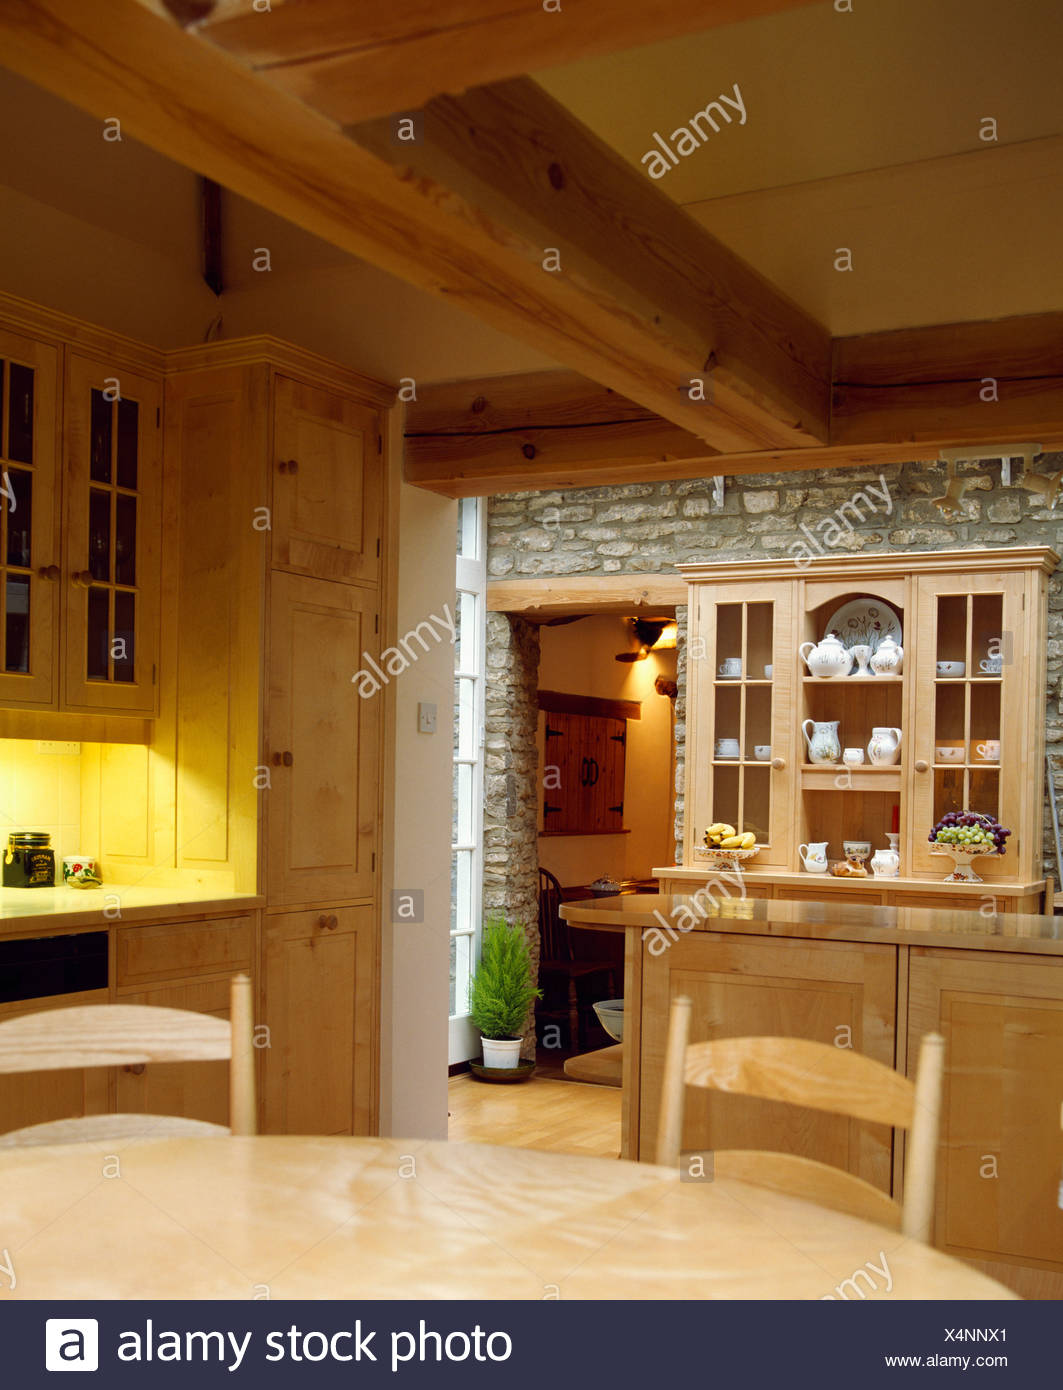 Großzügig Bauernküche Leuchten Fotos - Küchenschrank Ideen ...